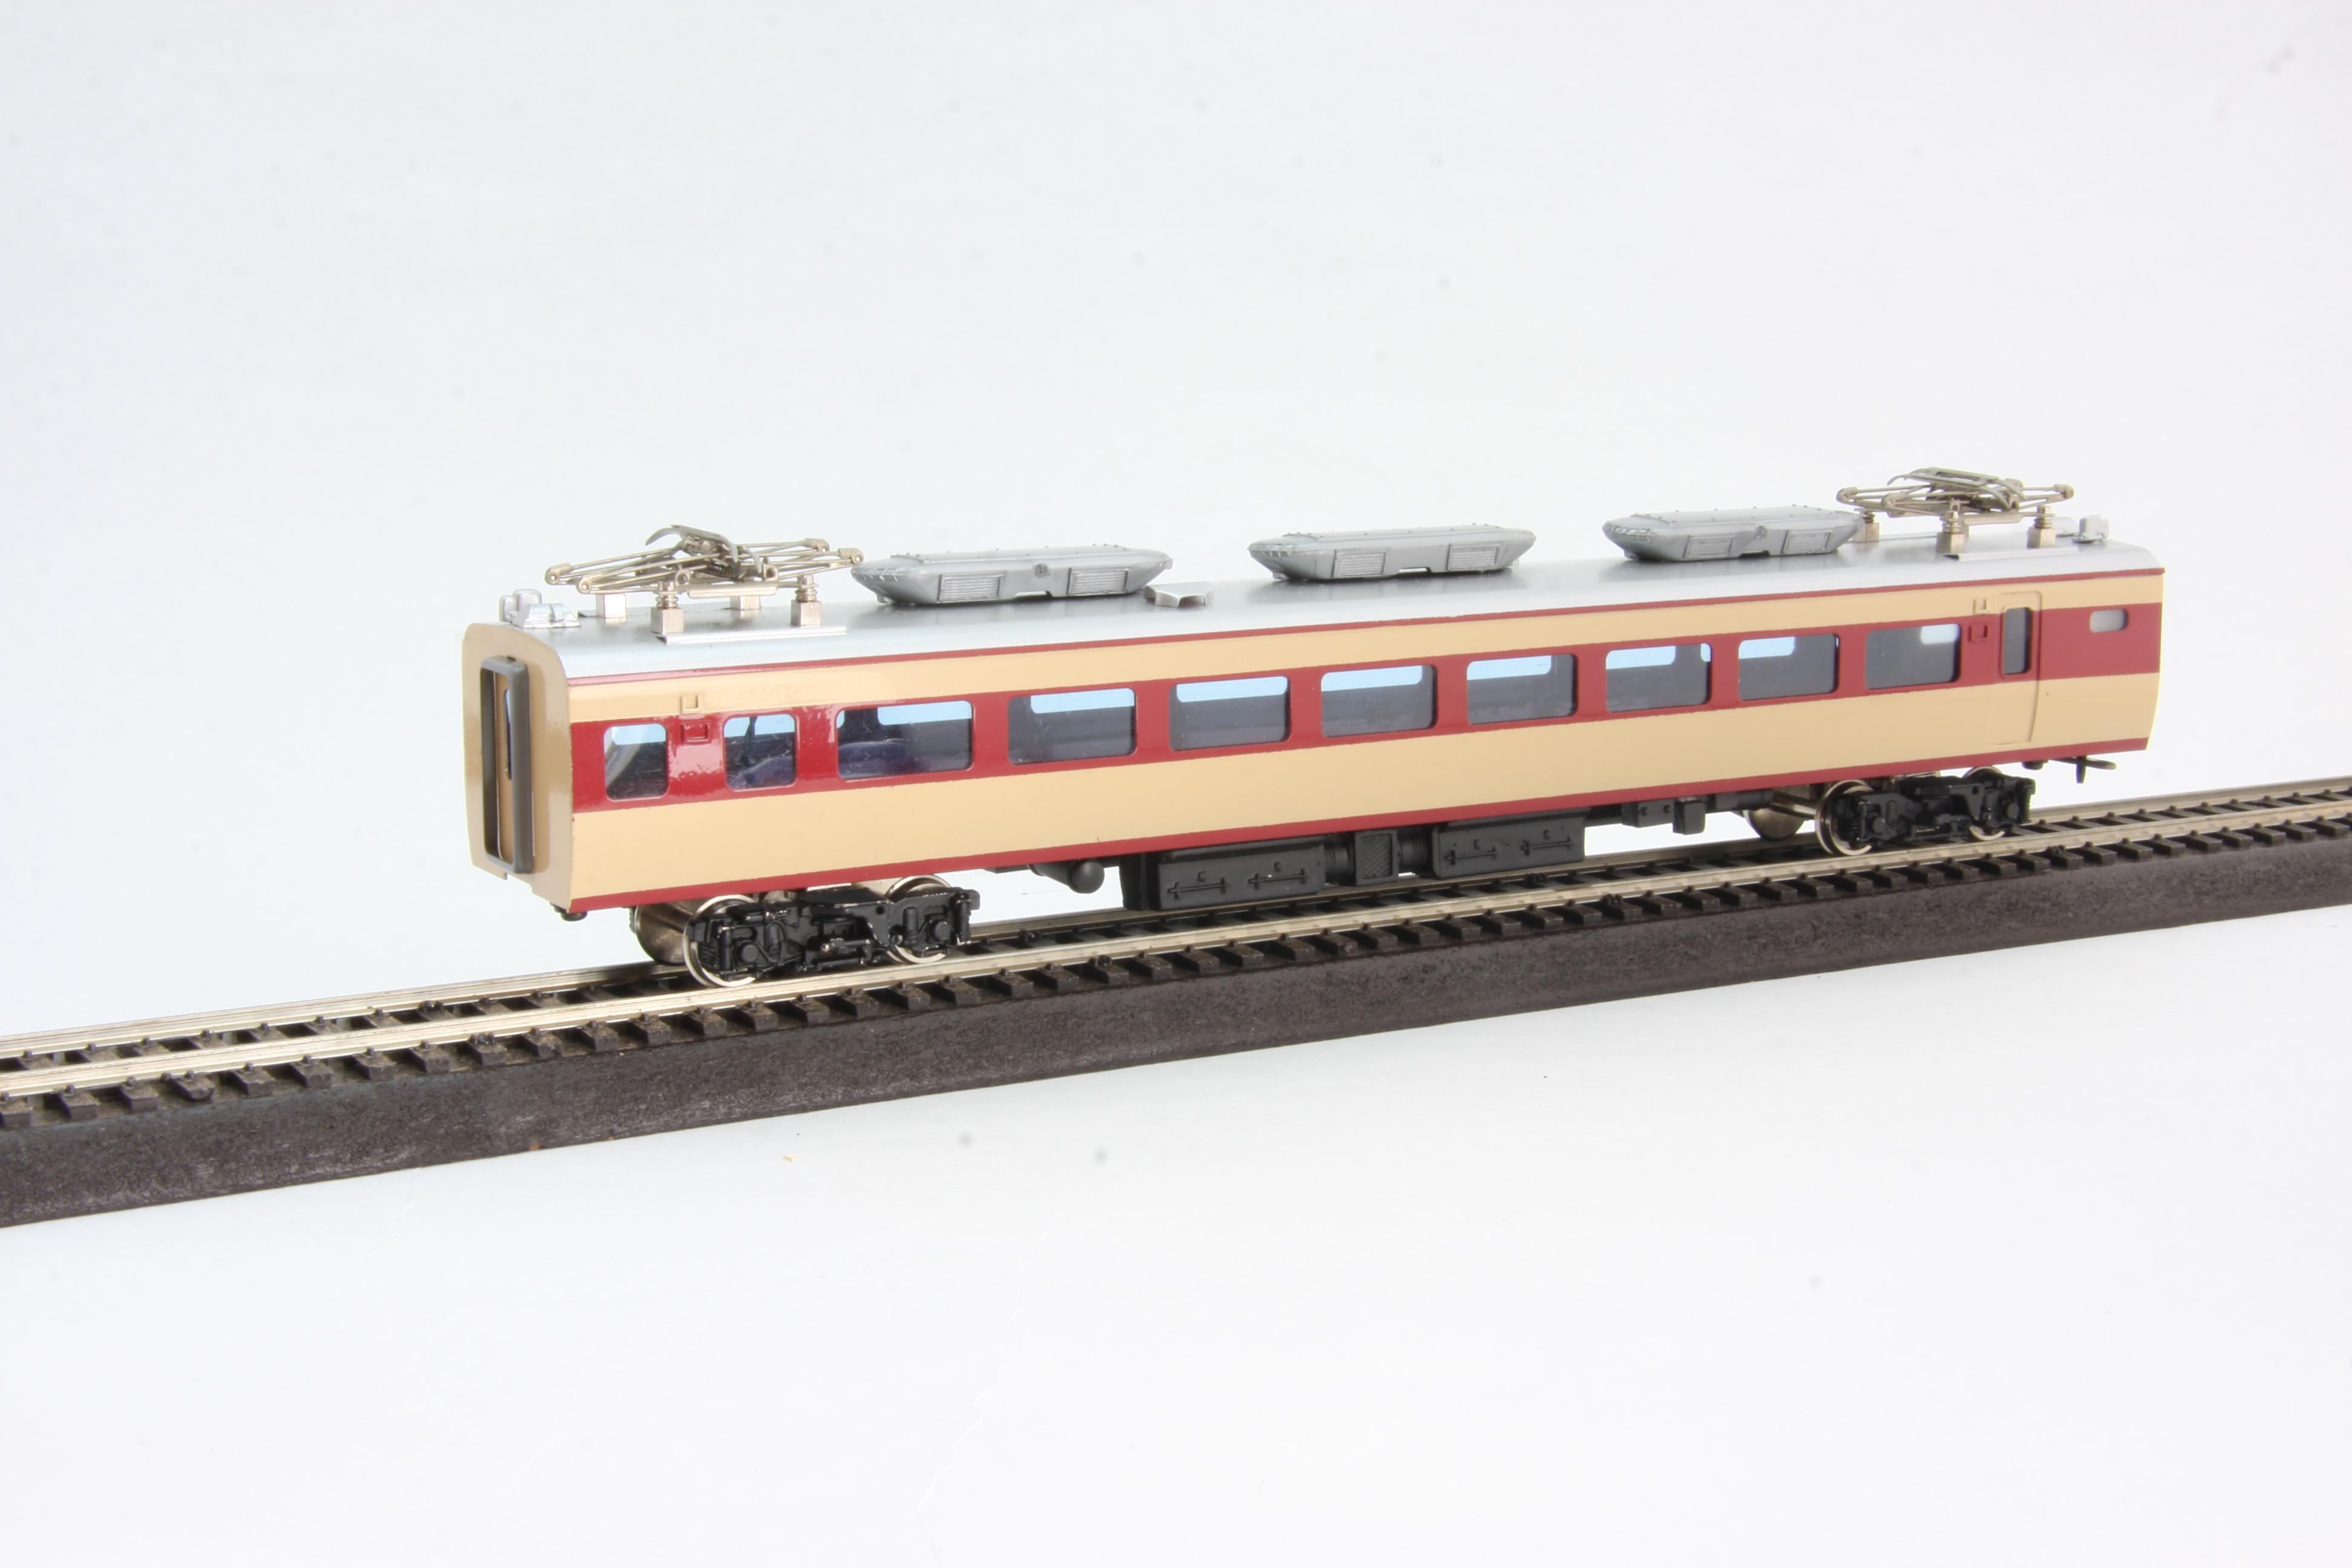 鉄道模型押し入れコレクション ブログ 国鉄181系電車